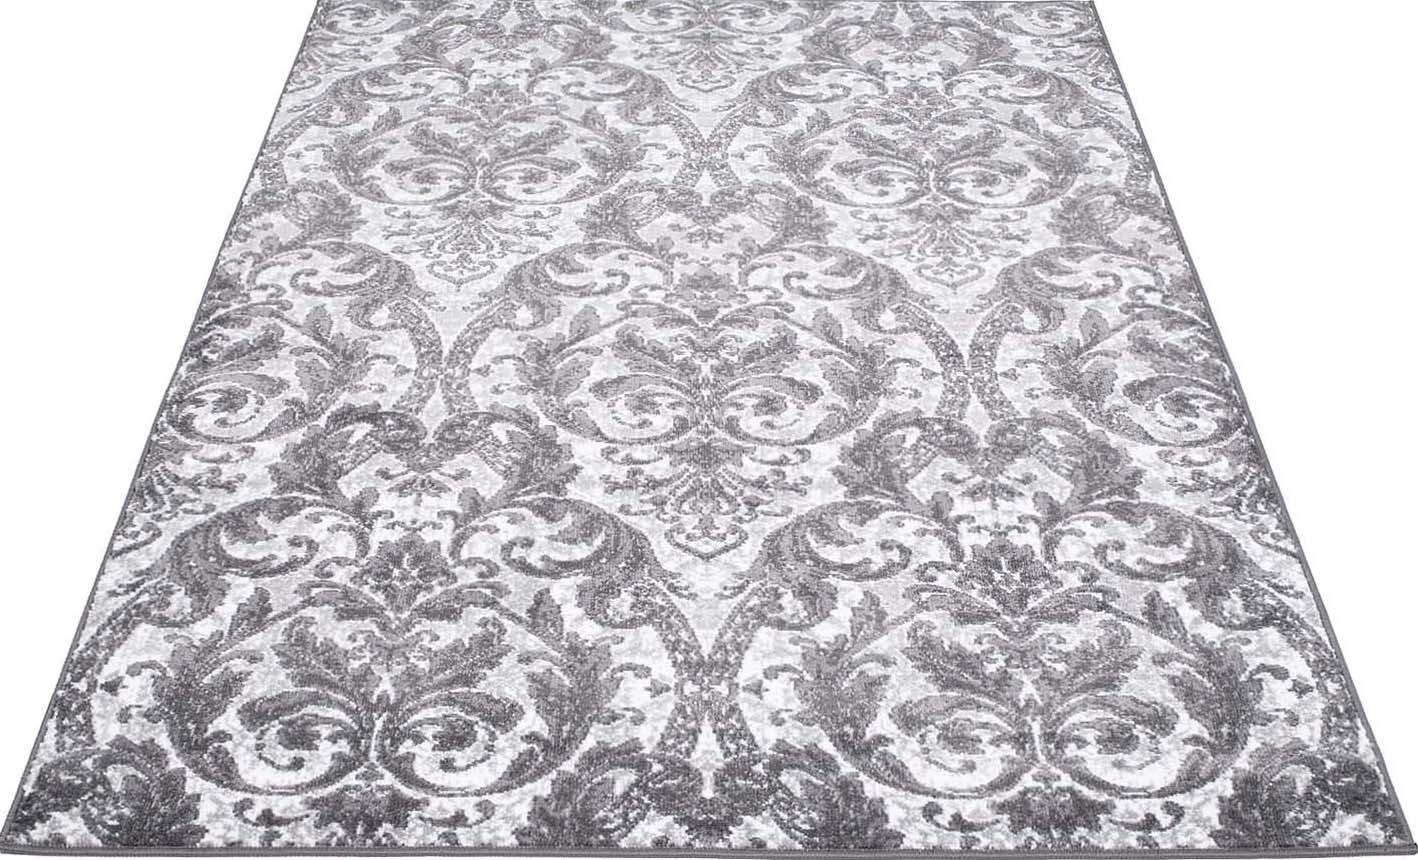 Teppich Timeless 7691 Carpet City rechteckig Höhe 6 mm maschinell gewebt